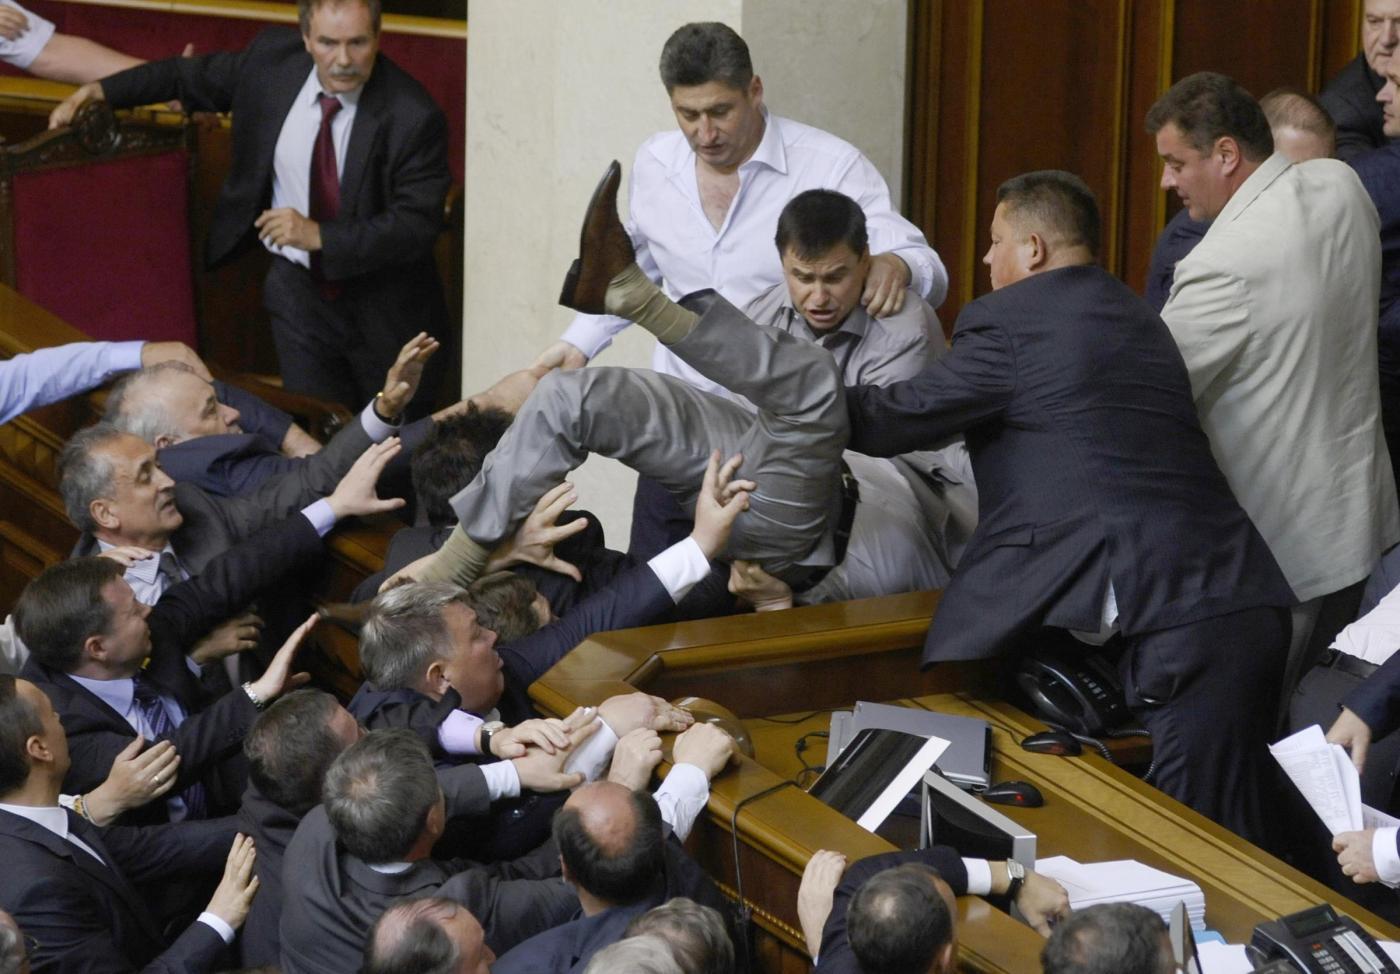 Botte da orbi al parlamento ucraino un deputato ferito for Deputati parlamento